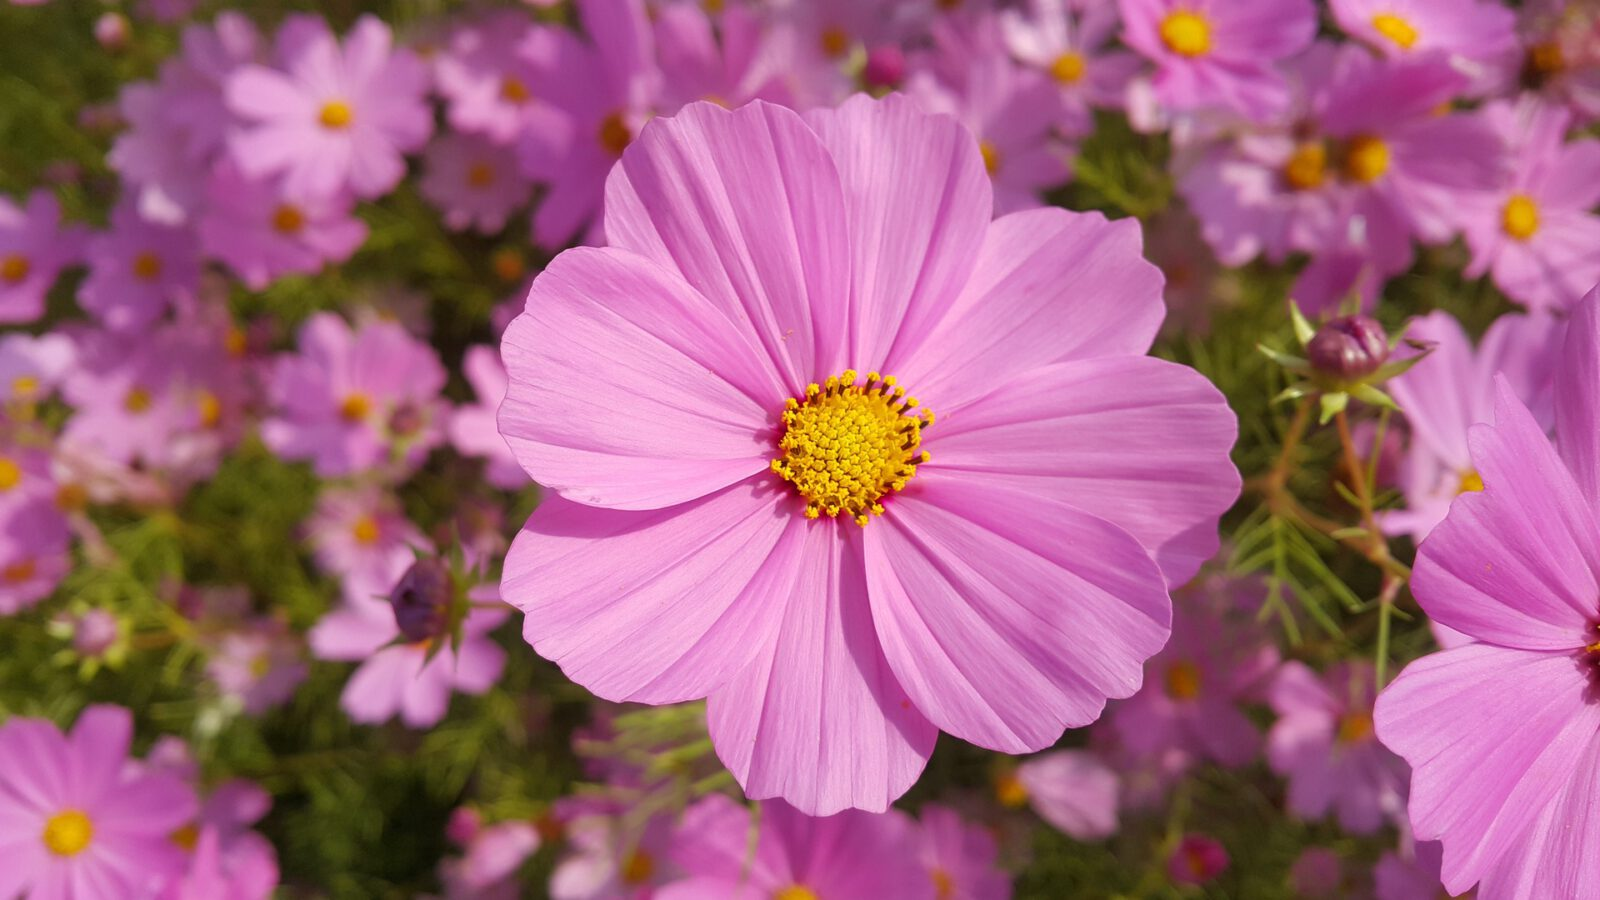 Zdjęcie kwiatka